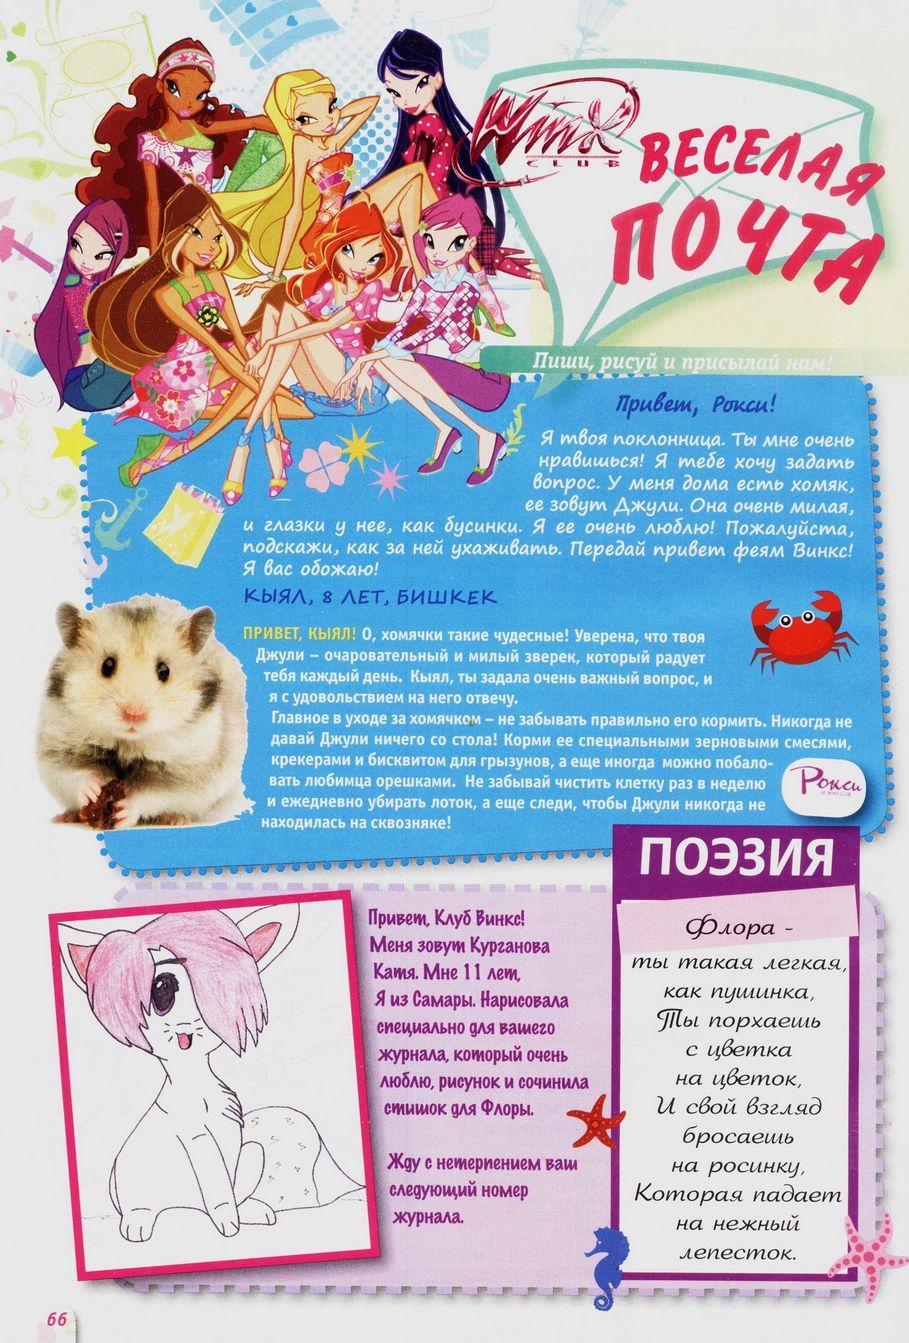 Комикс Винкс Winx - Надежда и разочарование (Журнал Винкс №5 2011) - стр. 66